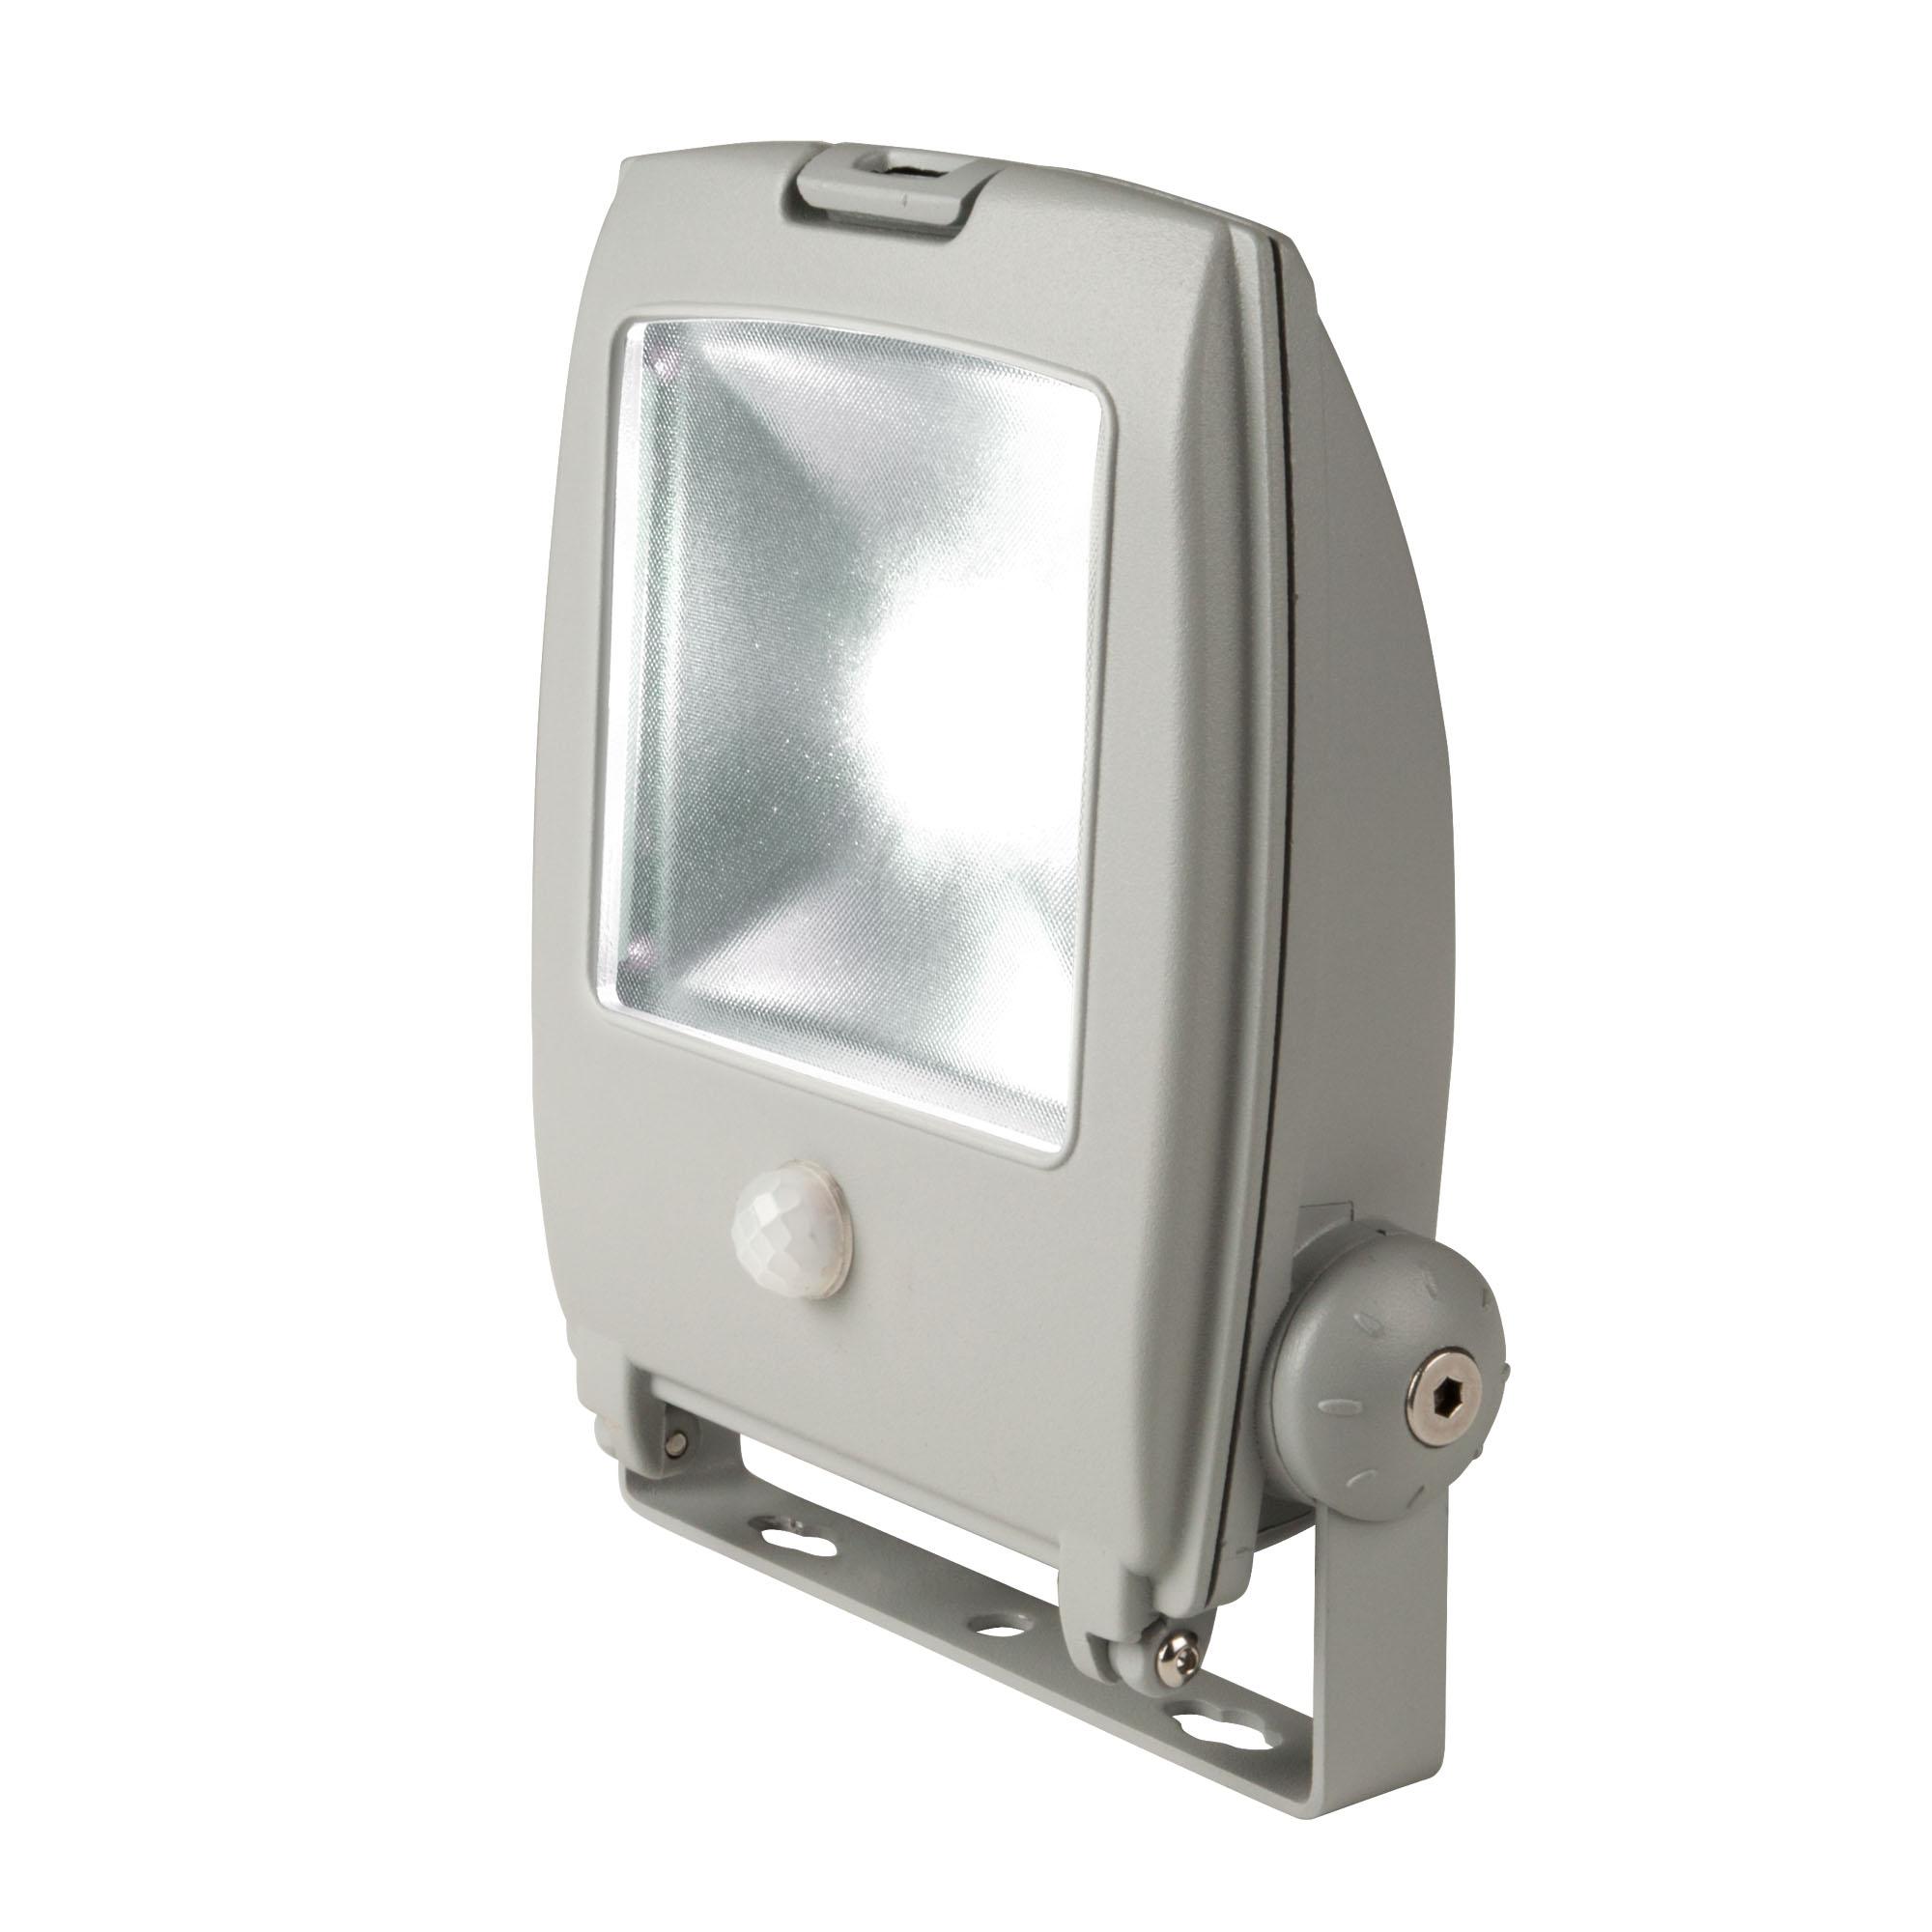 Прожектор светодиодный Uniel Ulf-s22-10w/ww sensor ip65 110-240В